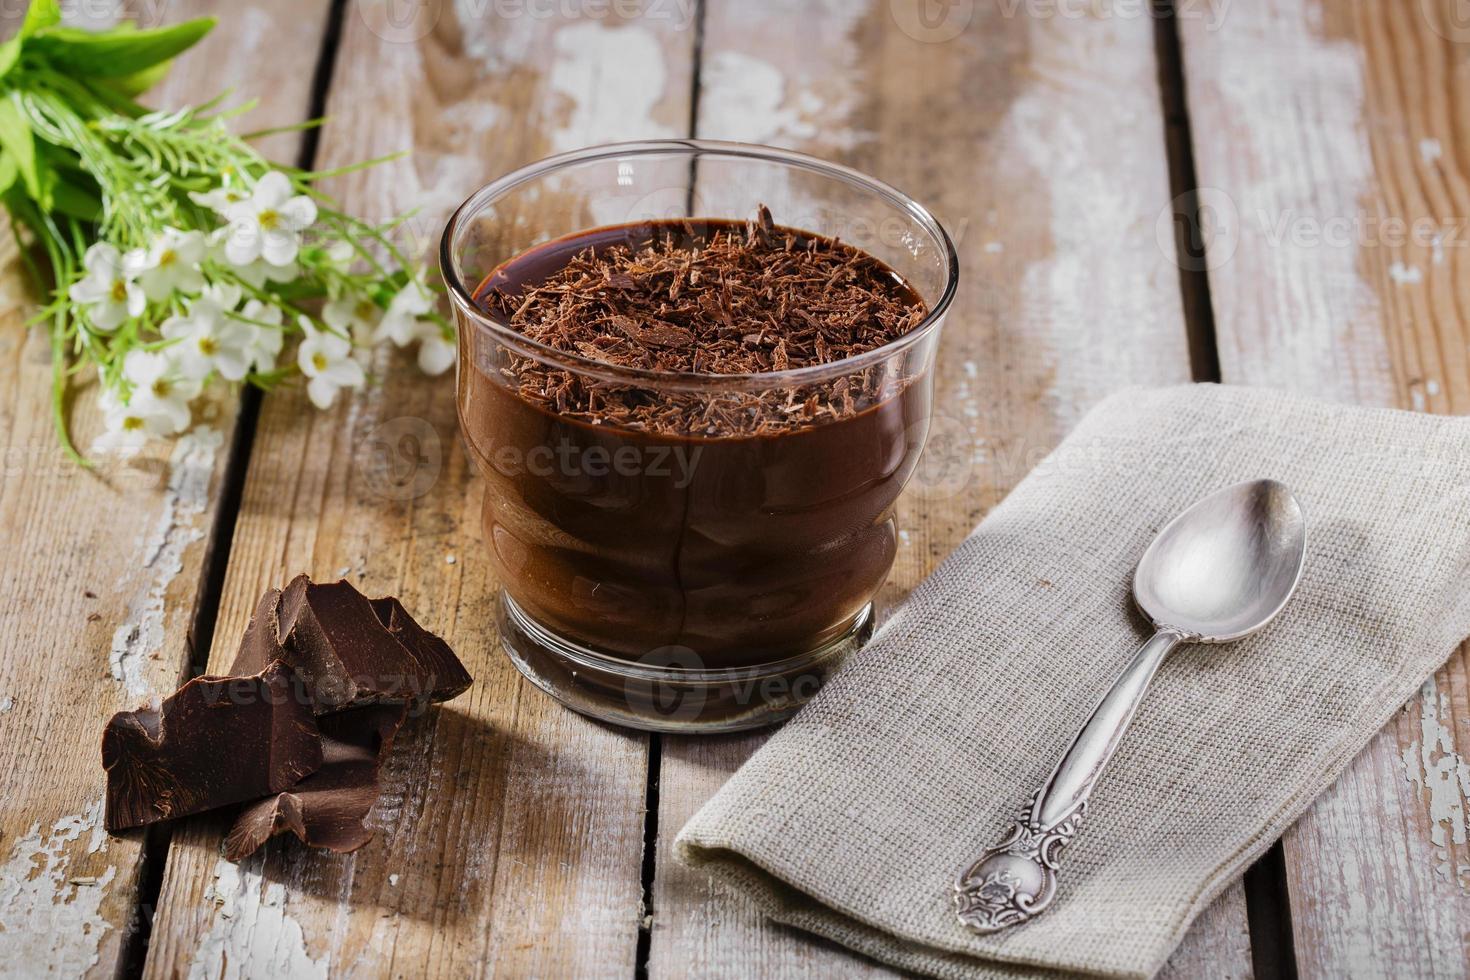 chocolademousse in een glas foto